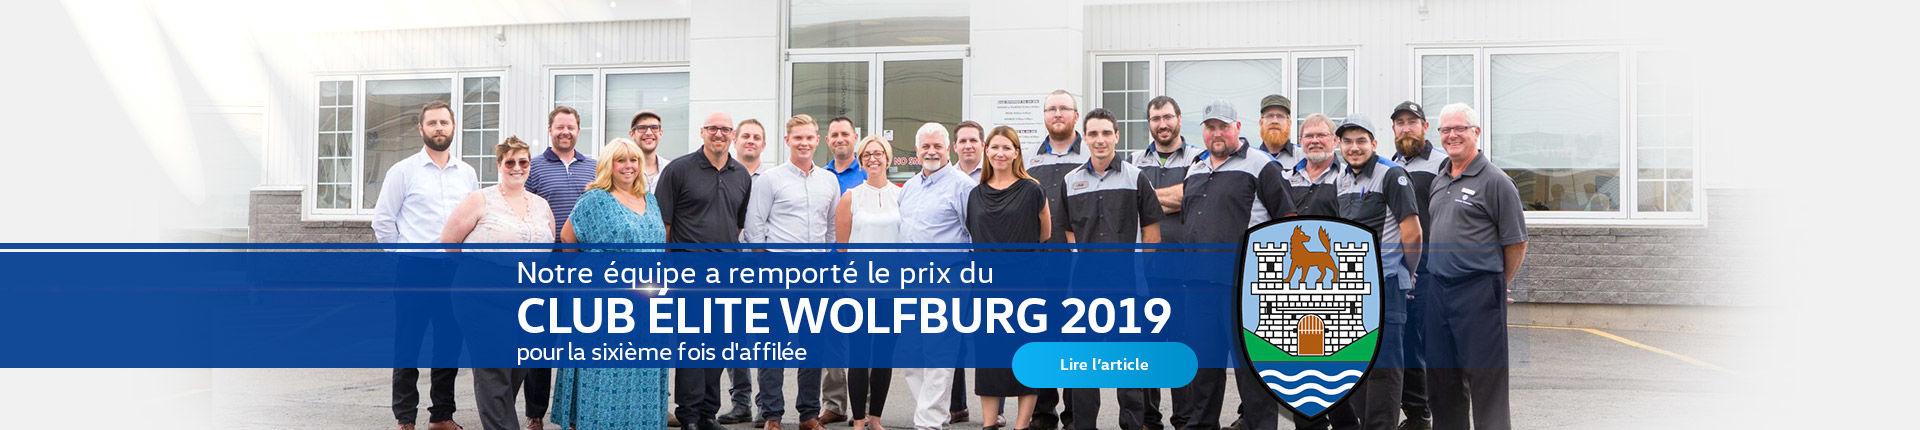 Wolfsburg 2019